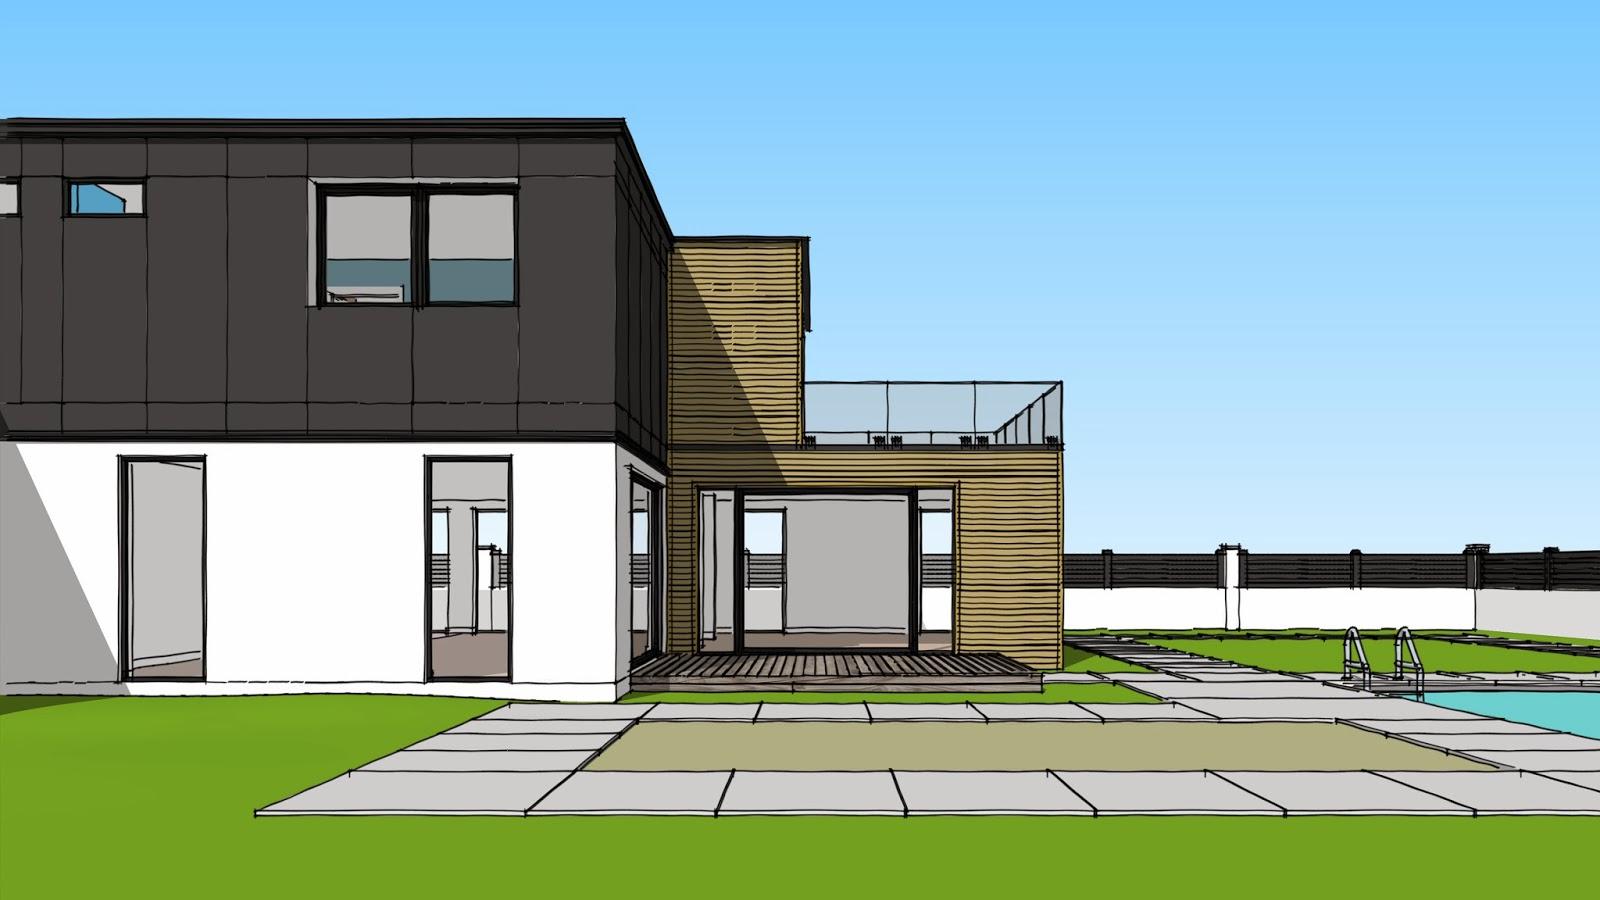 steph artwork. Black Bedroom Furniture Sets. Home Design Ideas